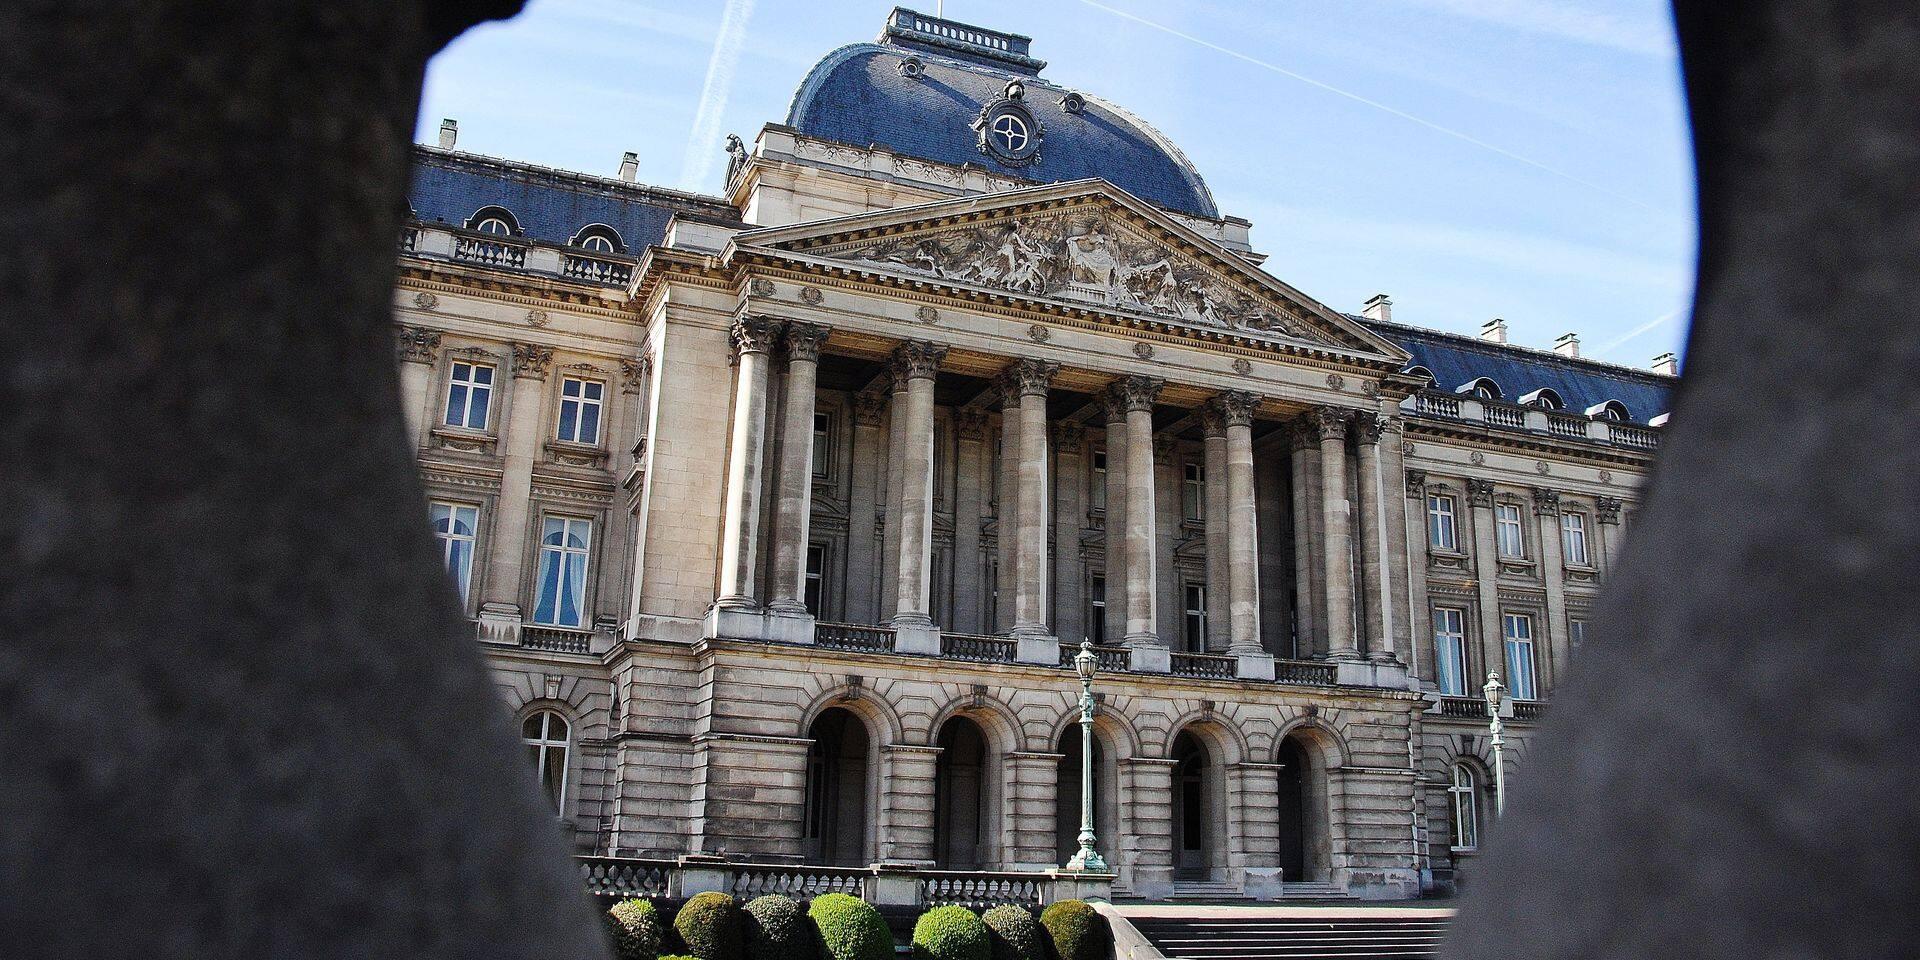 Palais royal, Parlement, Palais de justice: l'Etat belge est son propre assureur